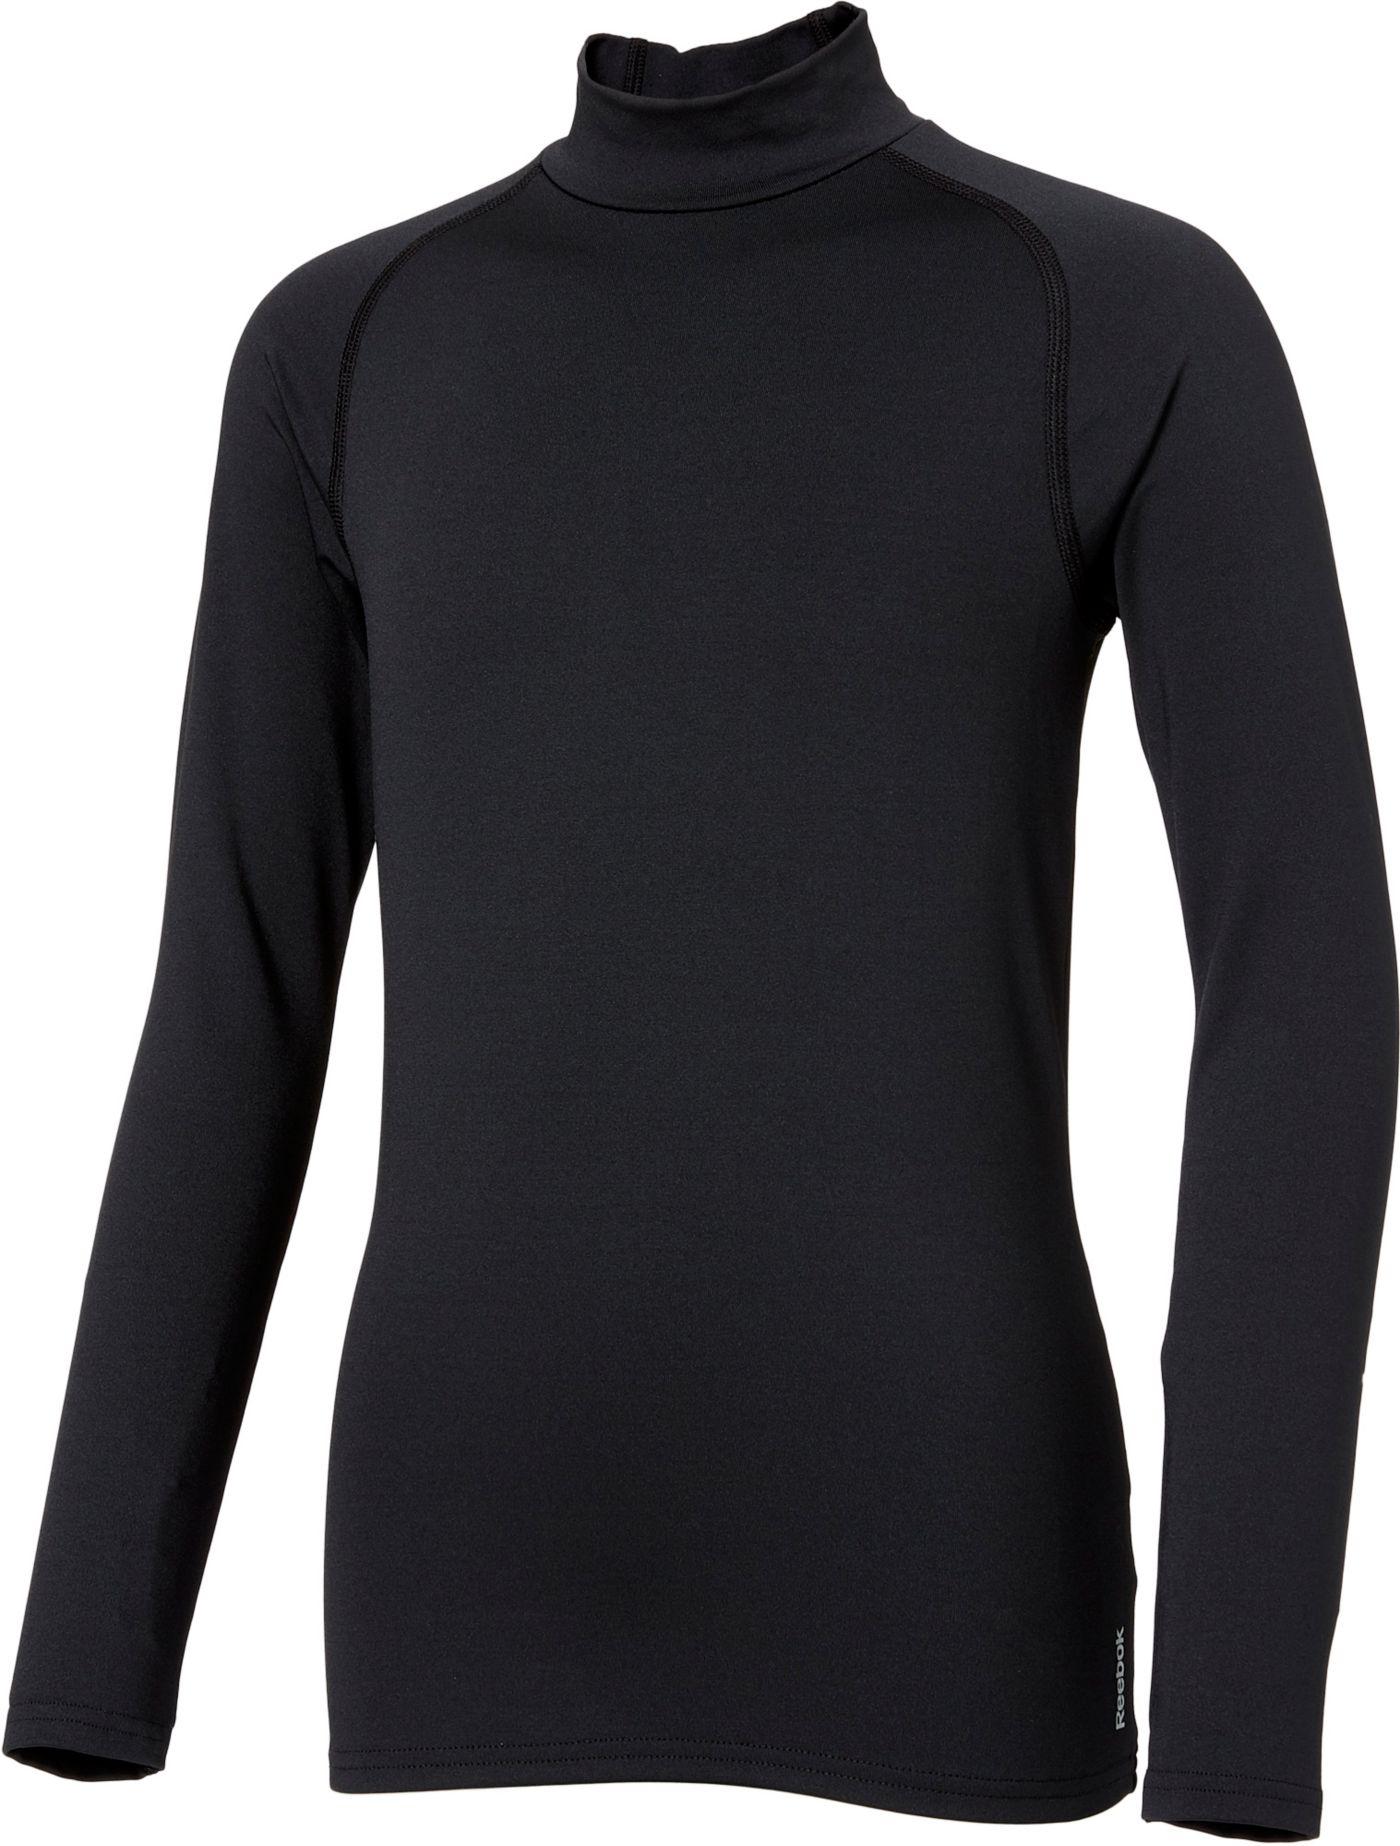 Reebok Boys' Cold Weather Compression Mockneck Long Sleeve Shirt